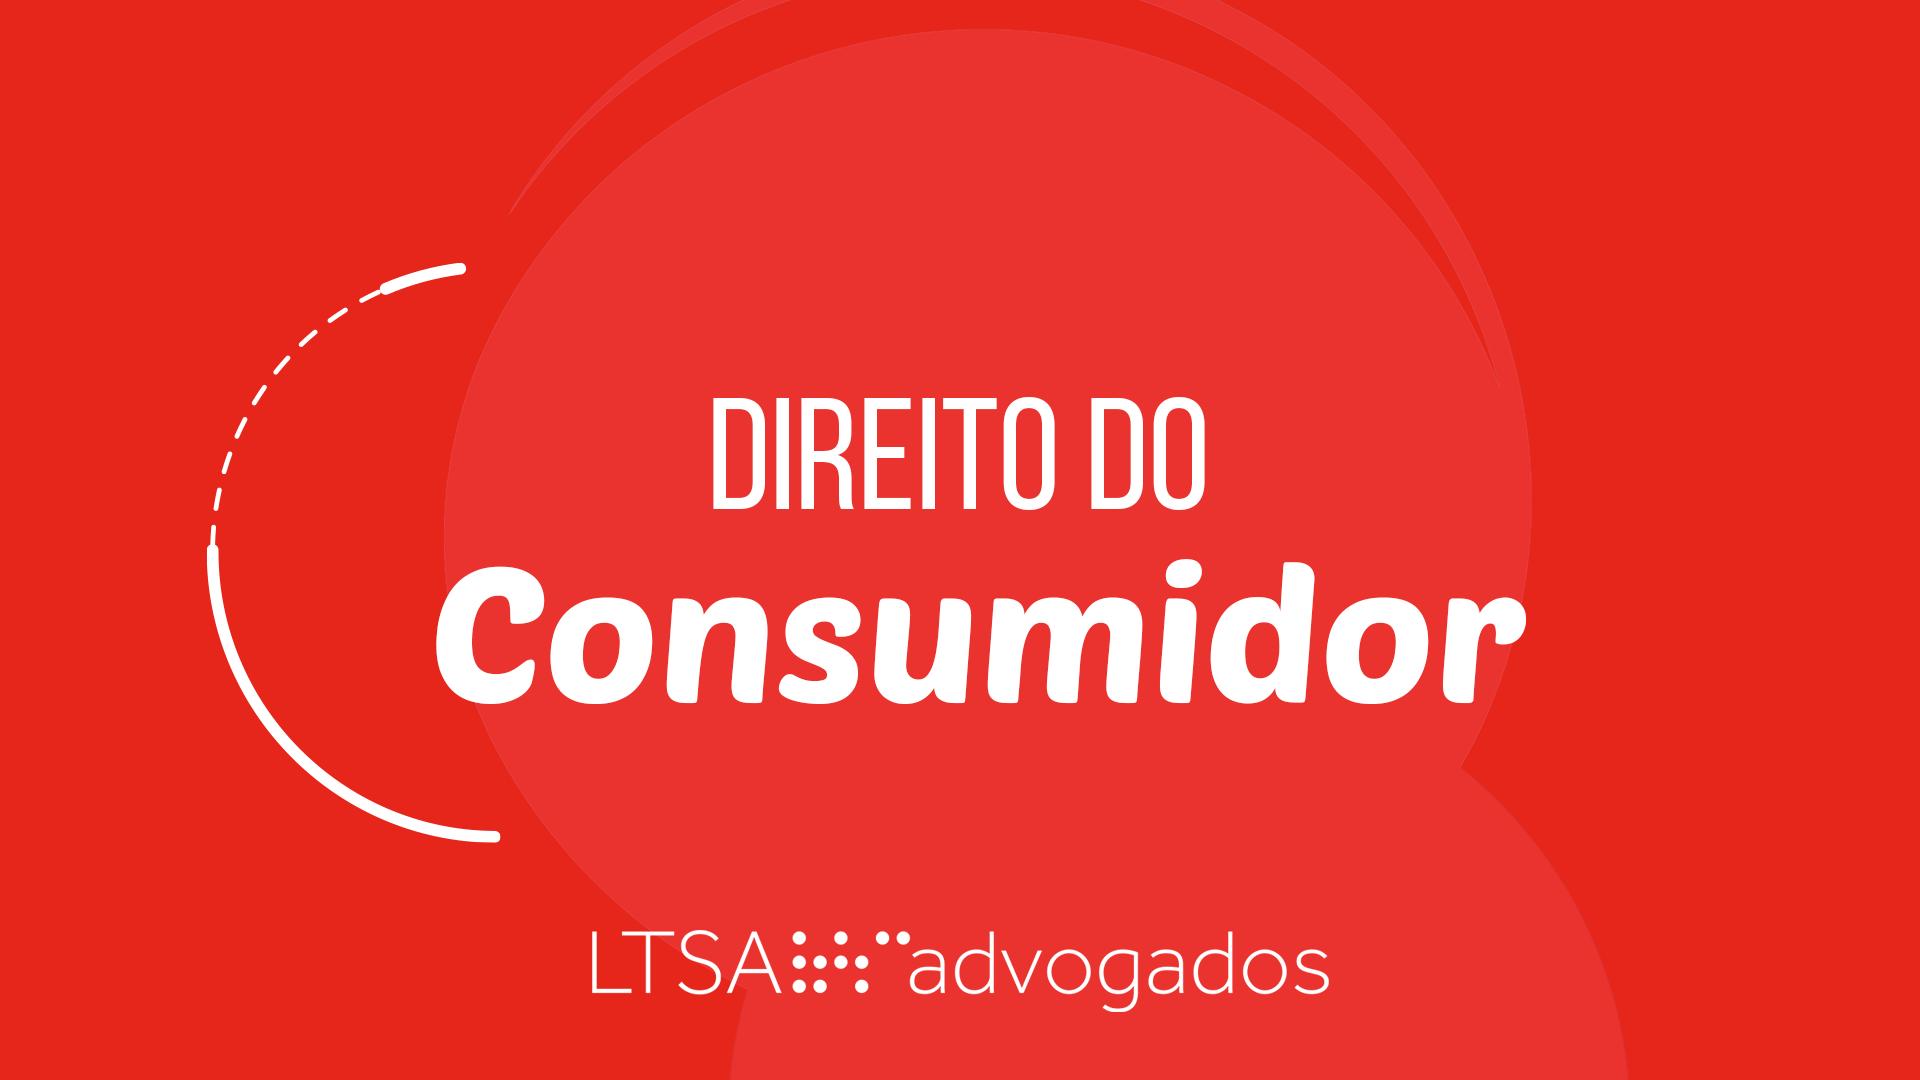 LTSA Advogados Mogi das Cruzes Direito do Consumidor